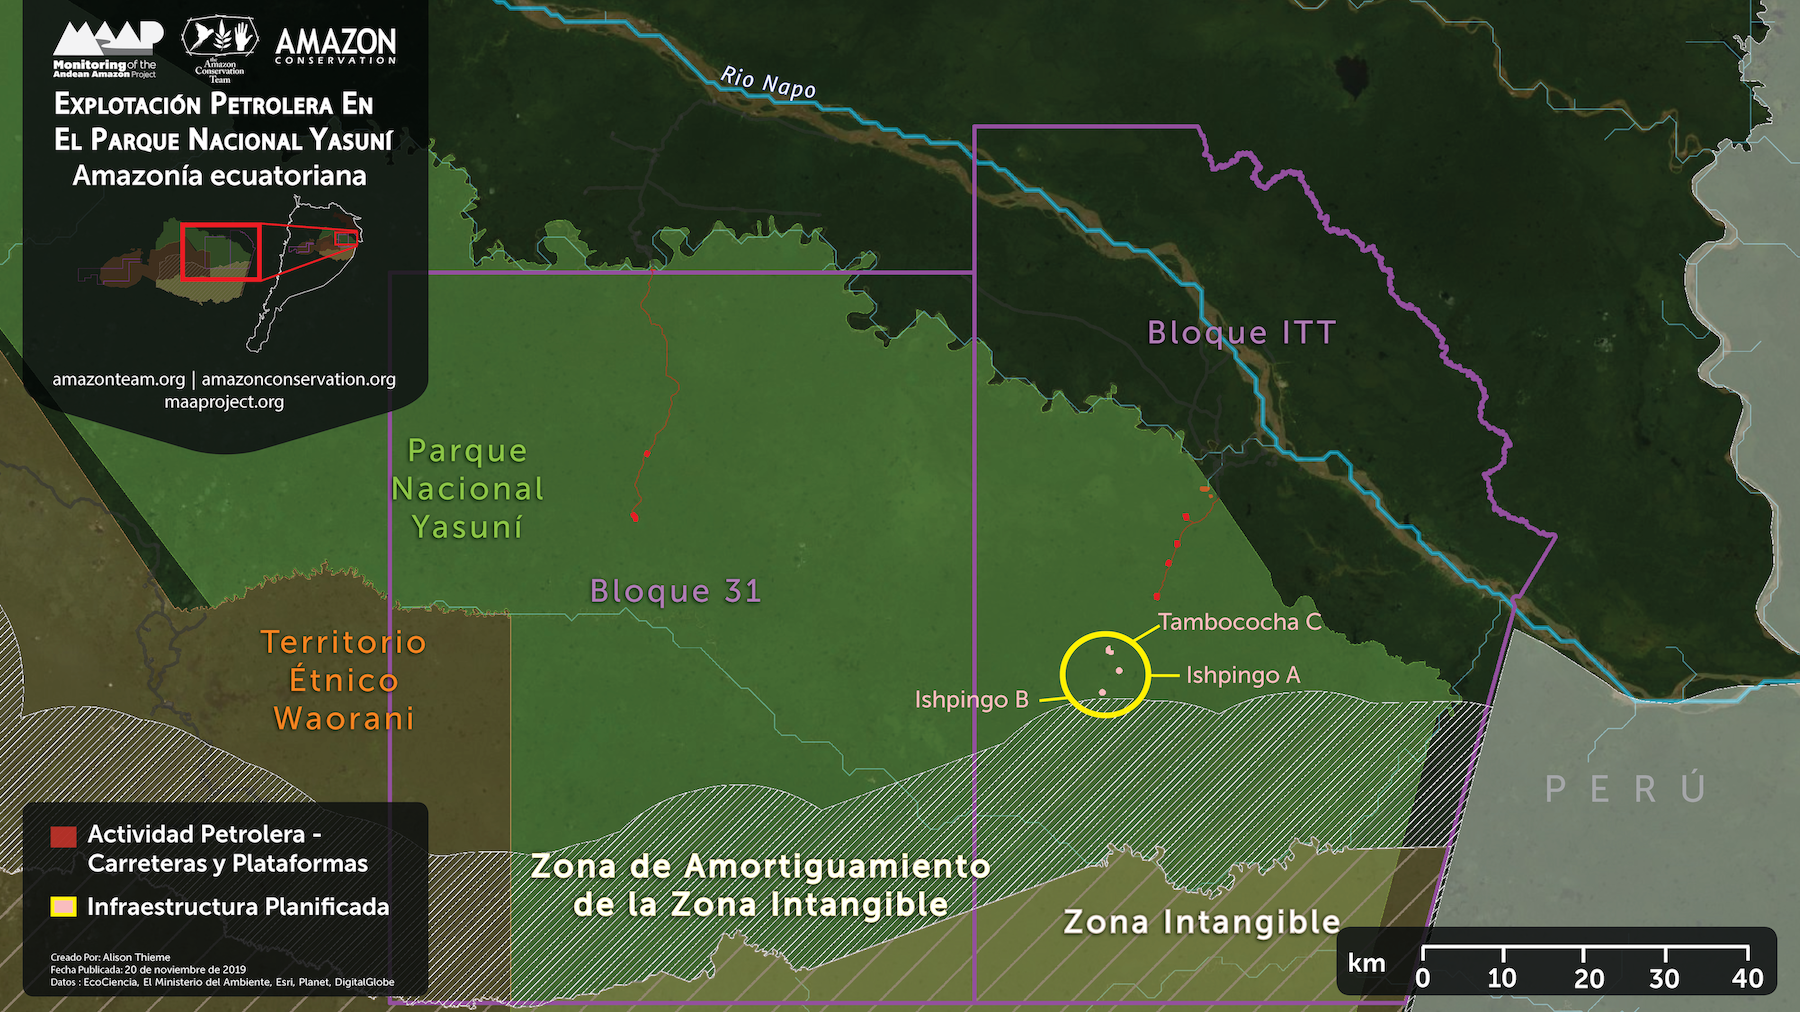 Petróleo en el Yasuní. Plataformas petroleras planificadas (ver círculo amarillo) cerca la zona de amortiguamiento de la Zona Intangible. Datos: EcoCiencia, Ministerio del Ambiente, Esri, Planet, DigitalGlobe.